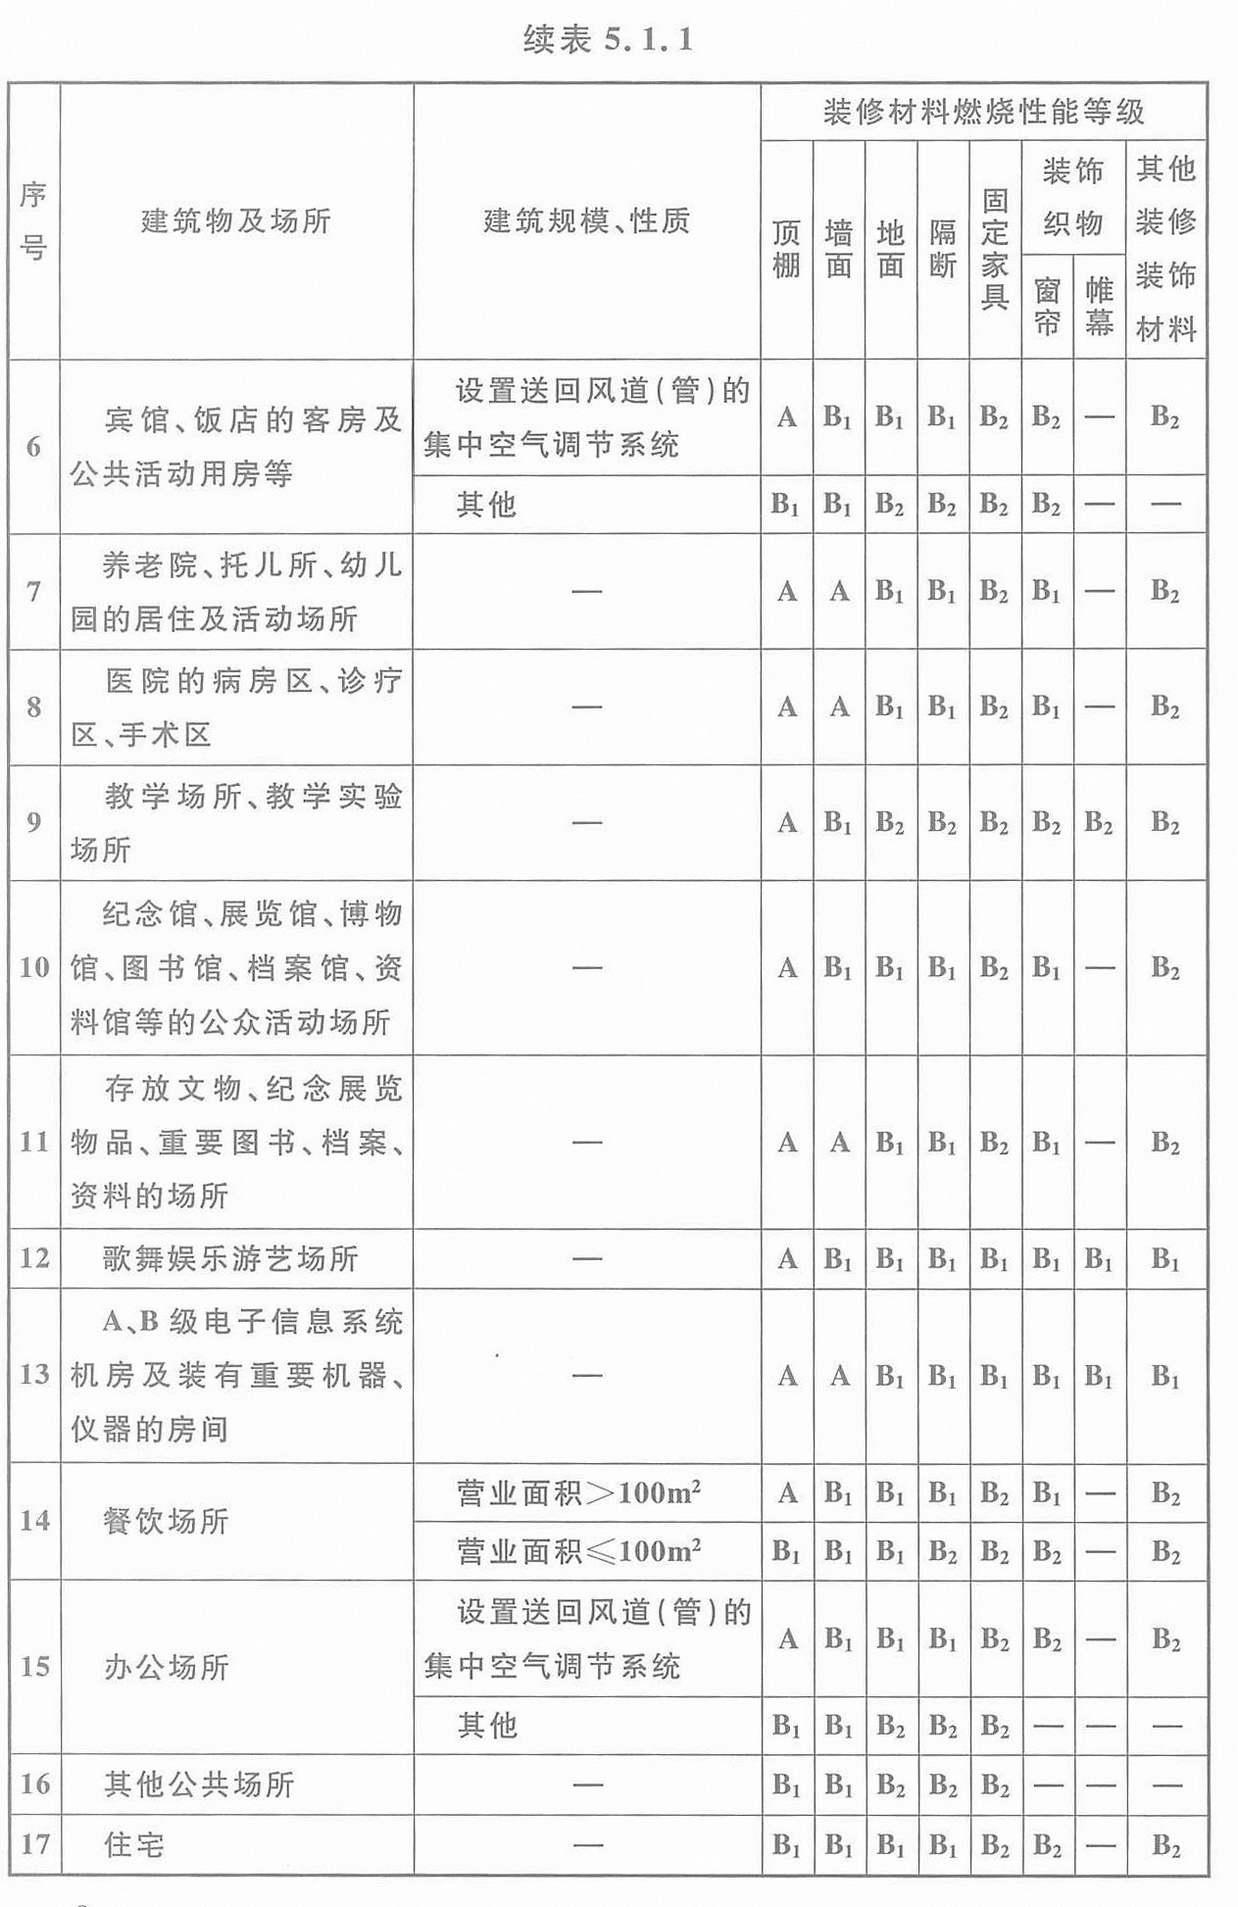 表5.1.1 单层、多层民用建筑内部各部位装修材料的燃烧性能等级